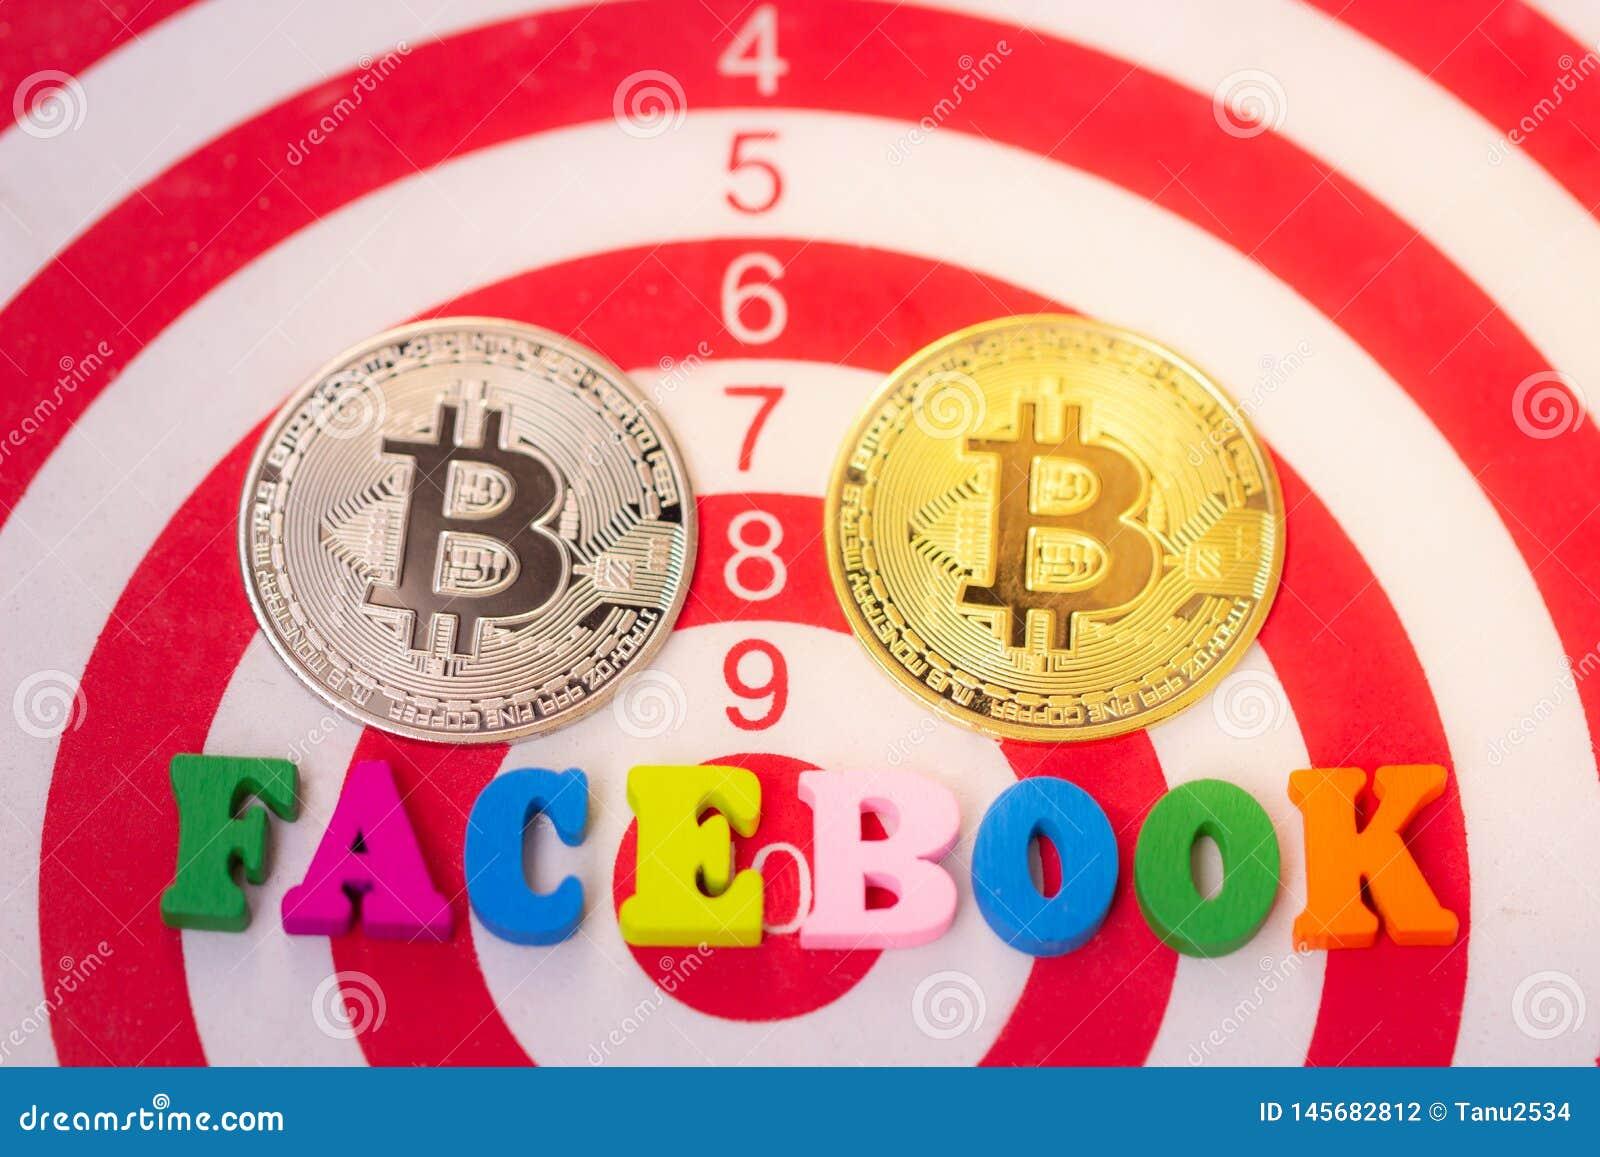 Ξύλινη λέξη Facebook και δύο Cryptocurrency bitcoin στο άσπρο υπόβαθρο Facebook και bitcoin